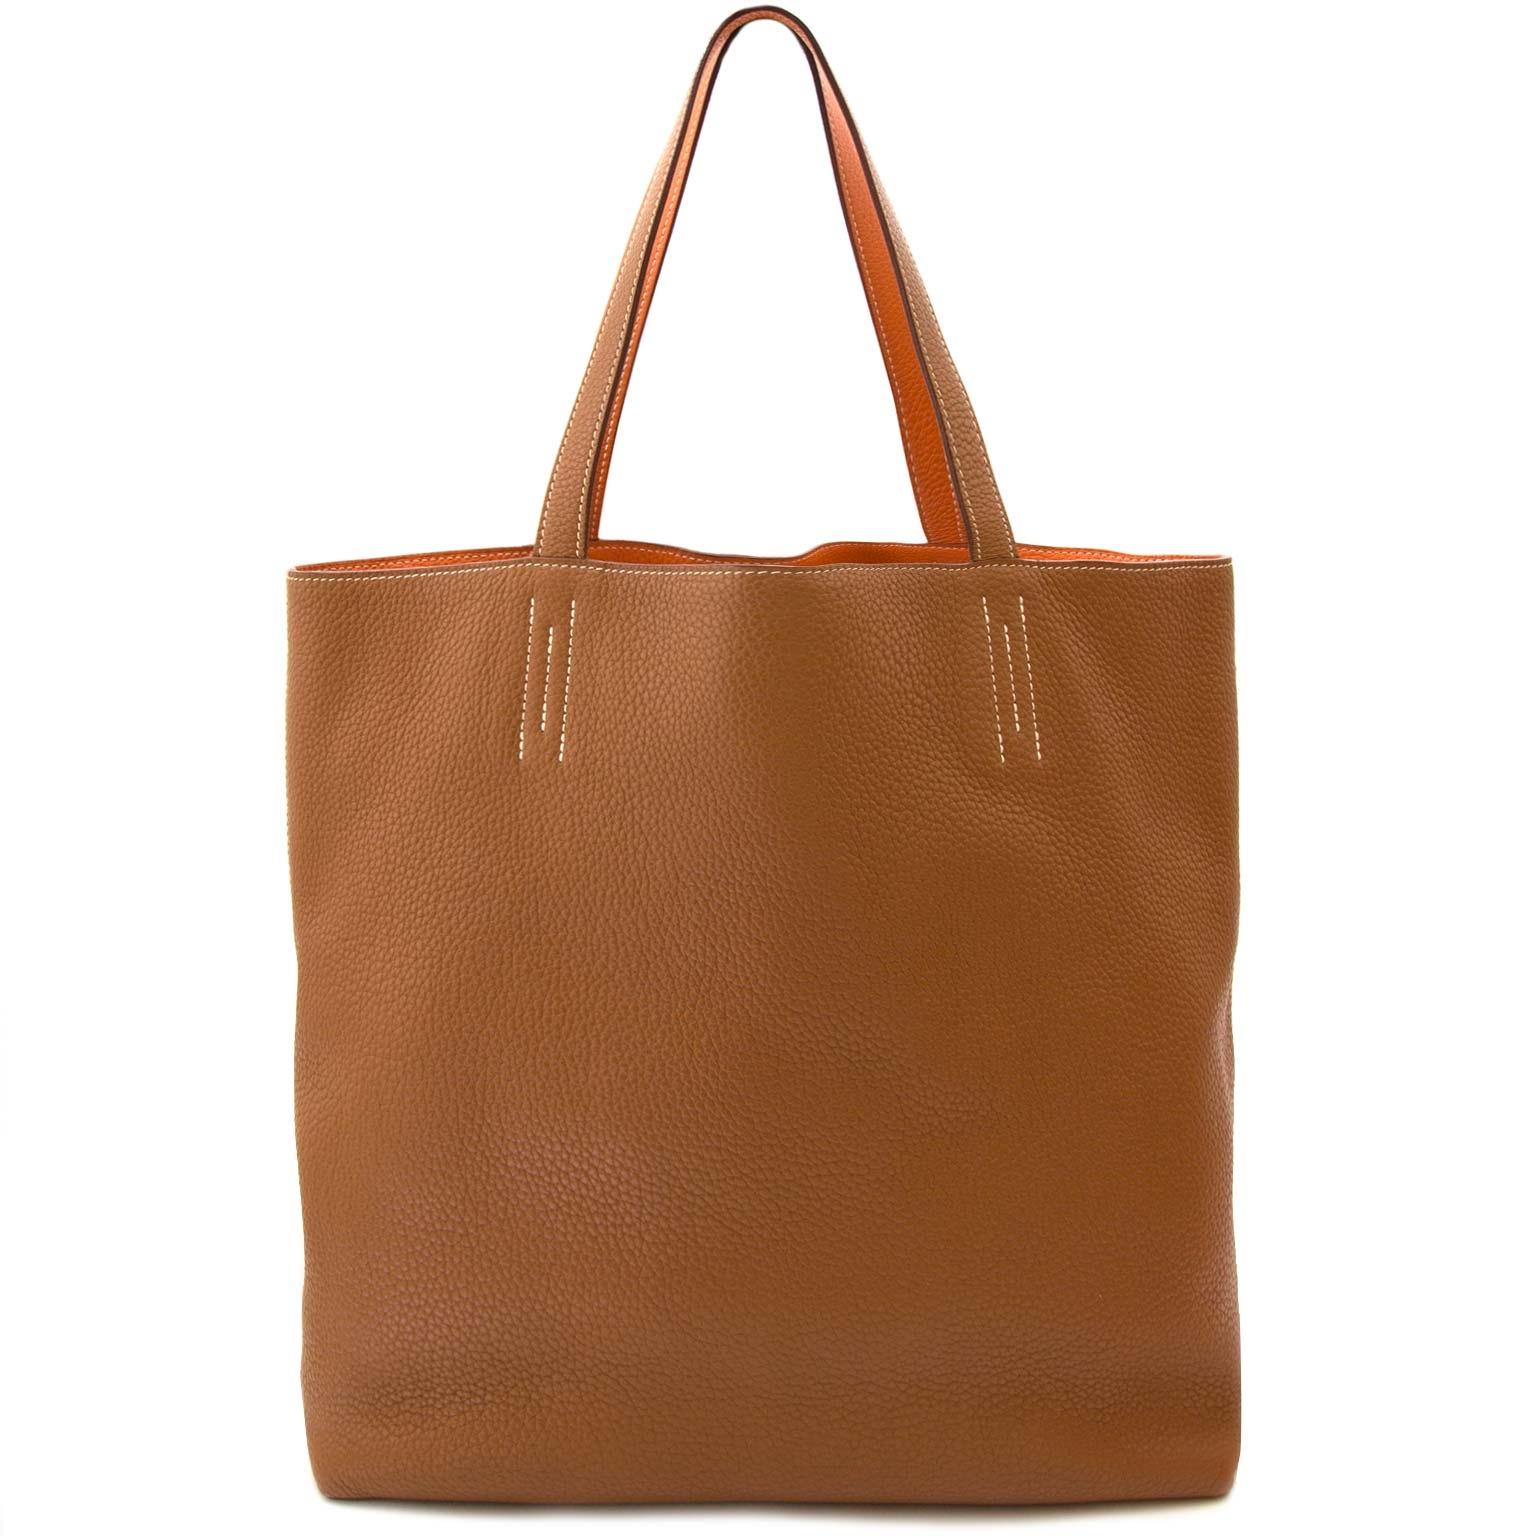 buy authentic hermès double sense 45 indian brown & orange clemence bag at labellov vintage fashion webshop belgium